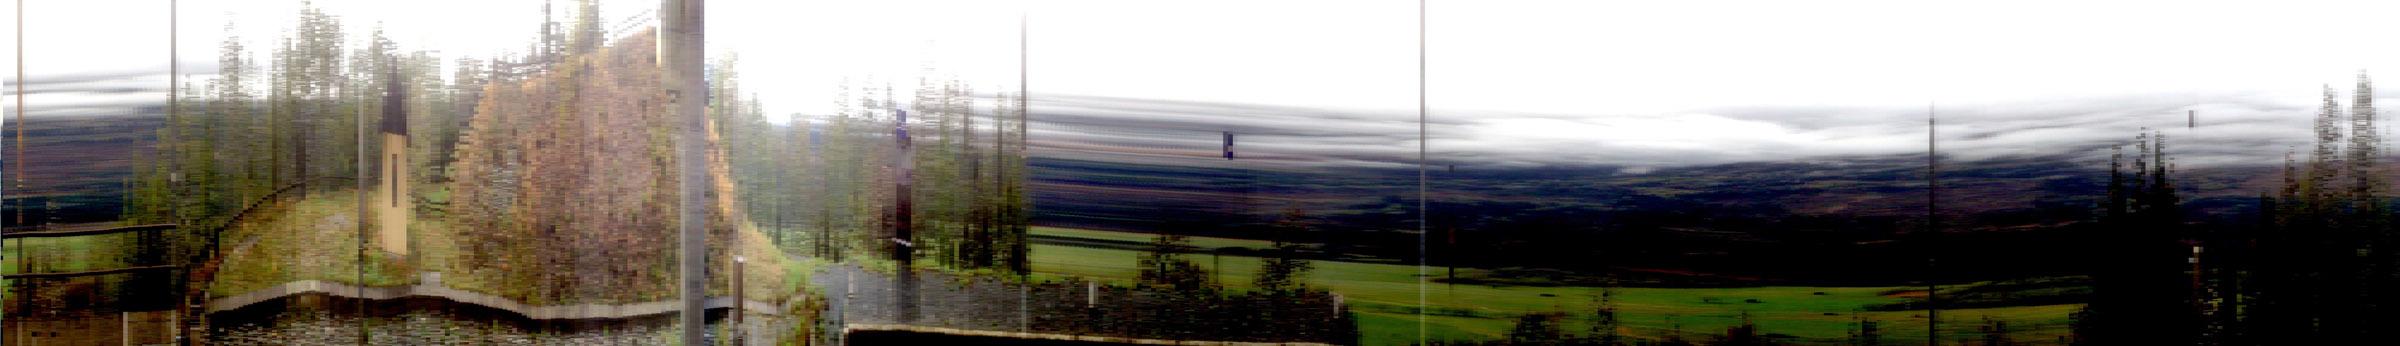 johann moser - timebased landscape 88-5